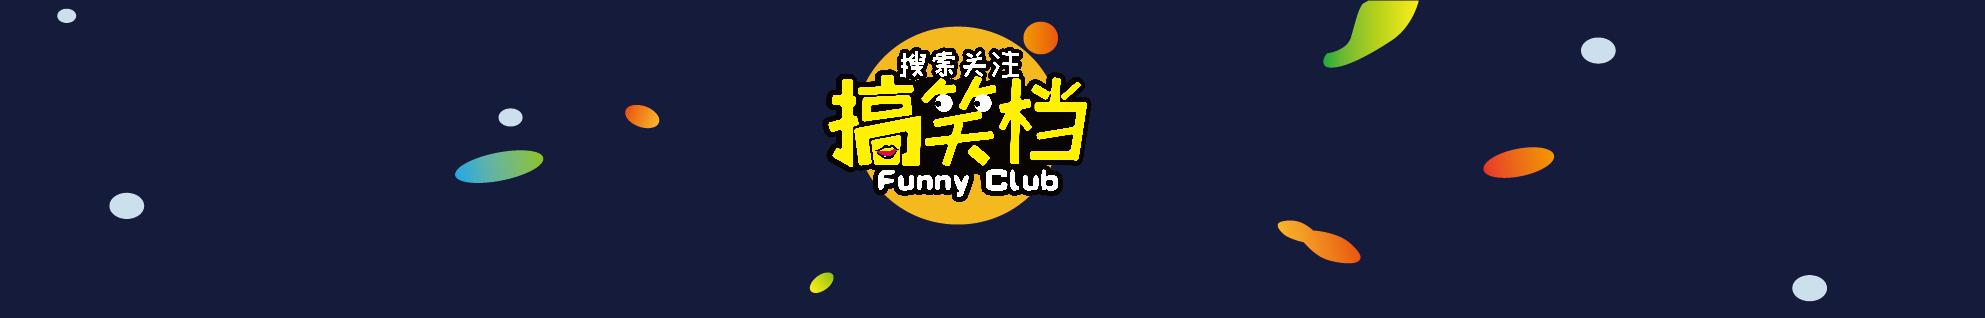 搞笑档 banner